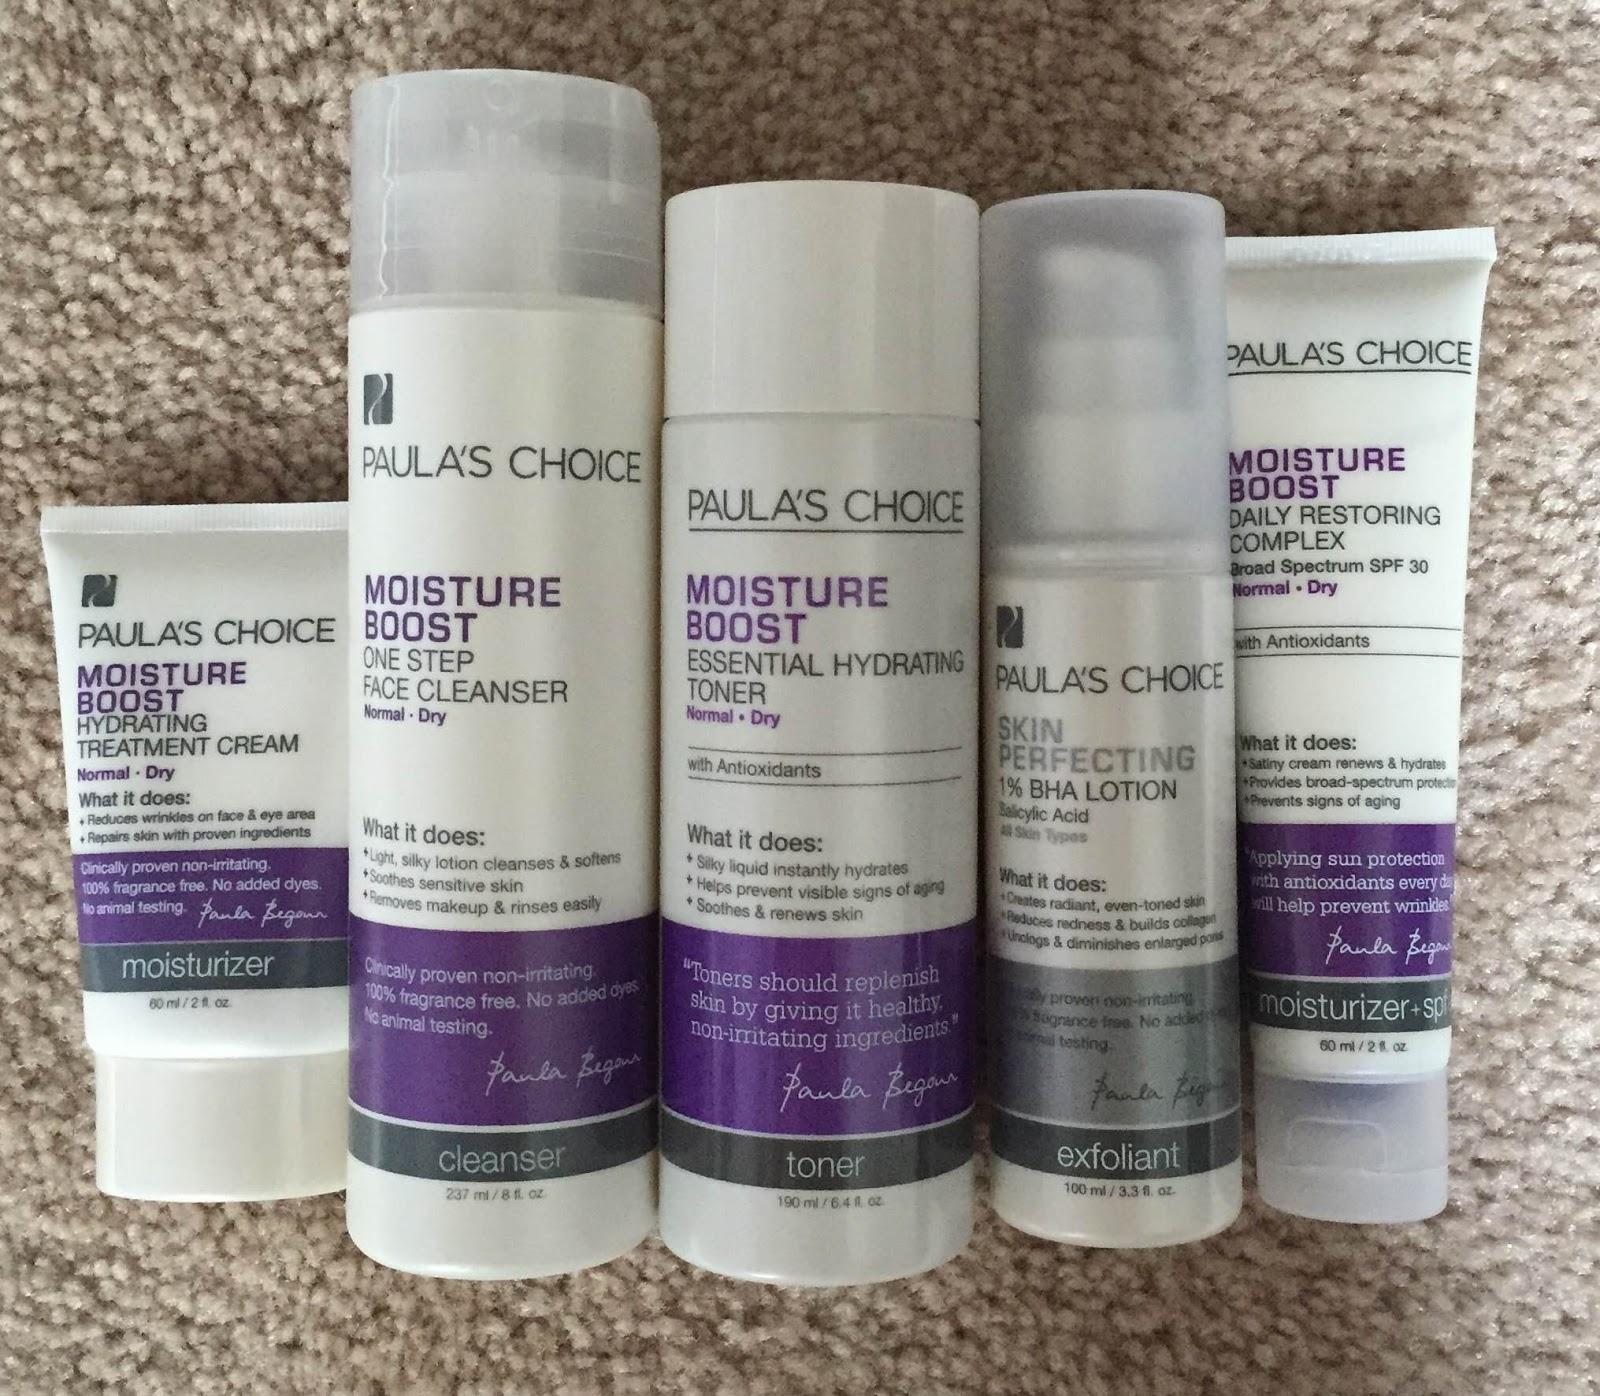 paulas choice moisture boost